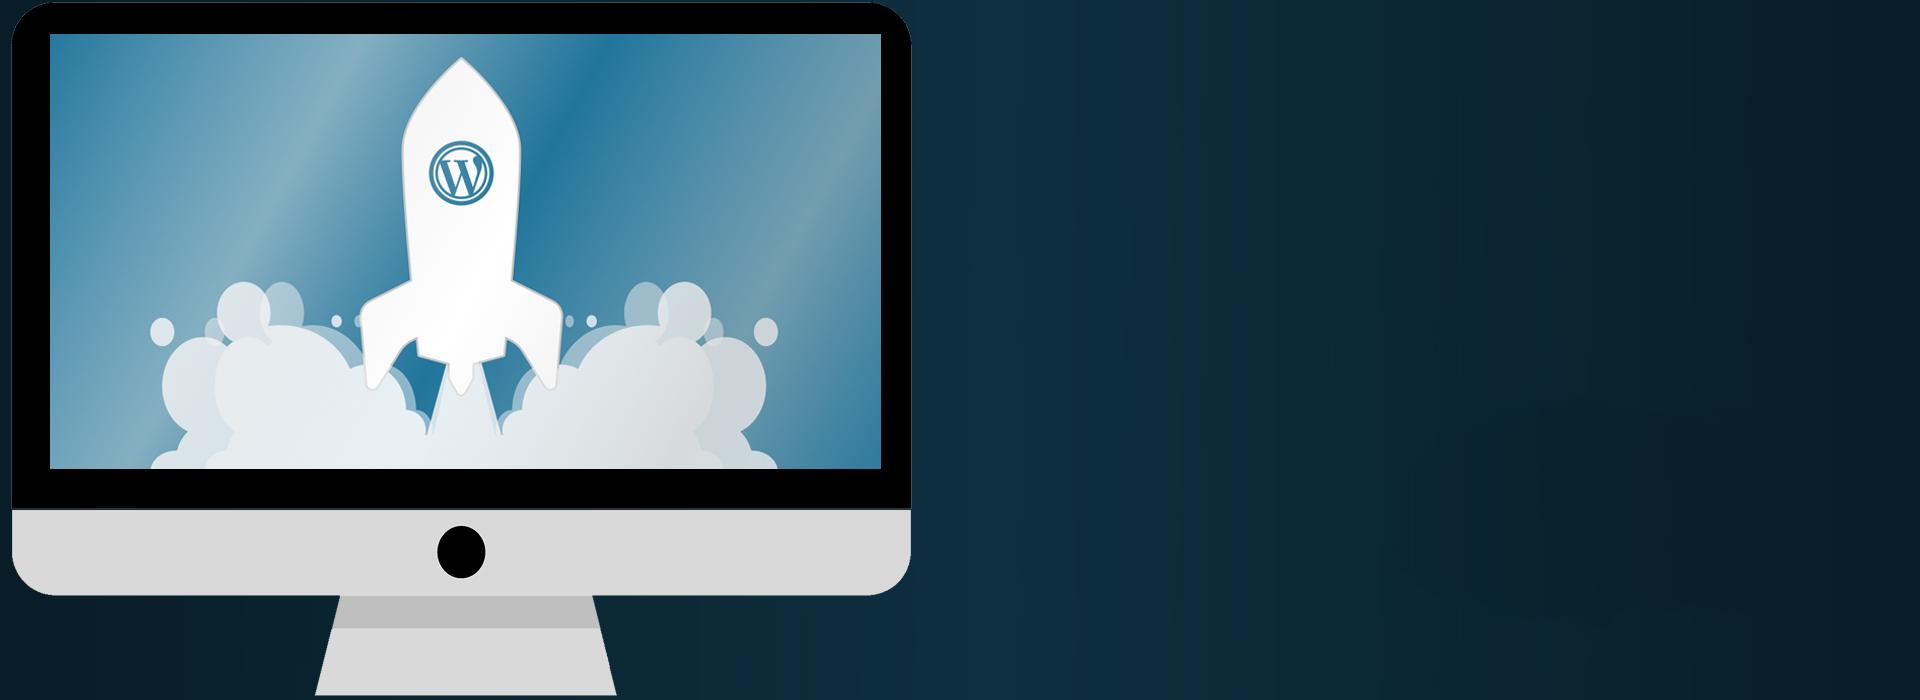 Vlastní webová prezentace jednoduše a rychle